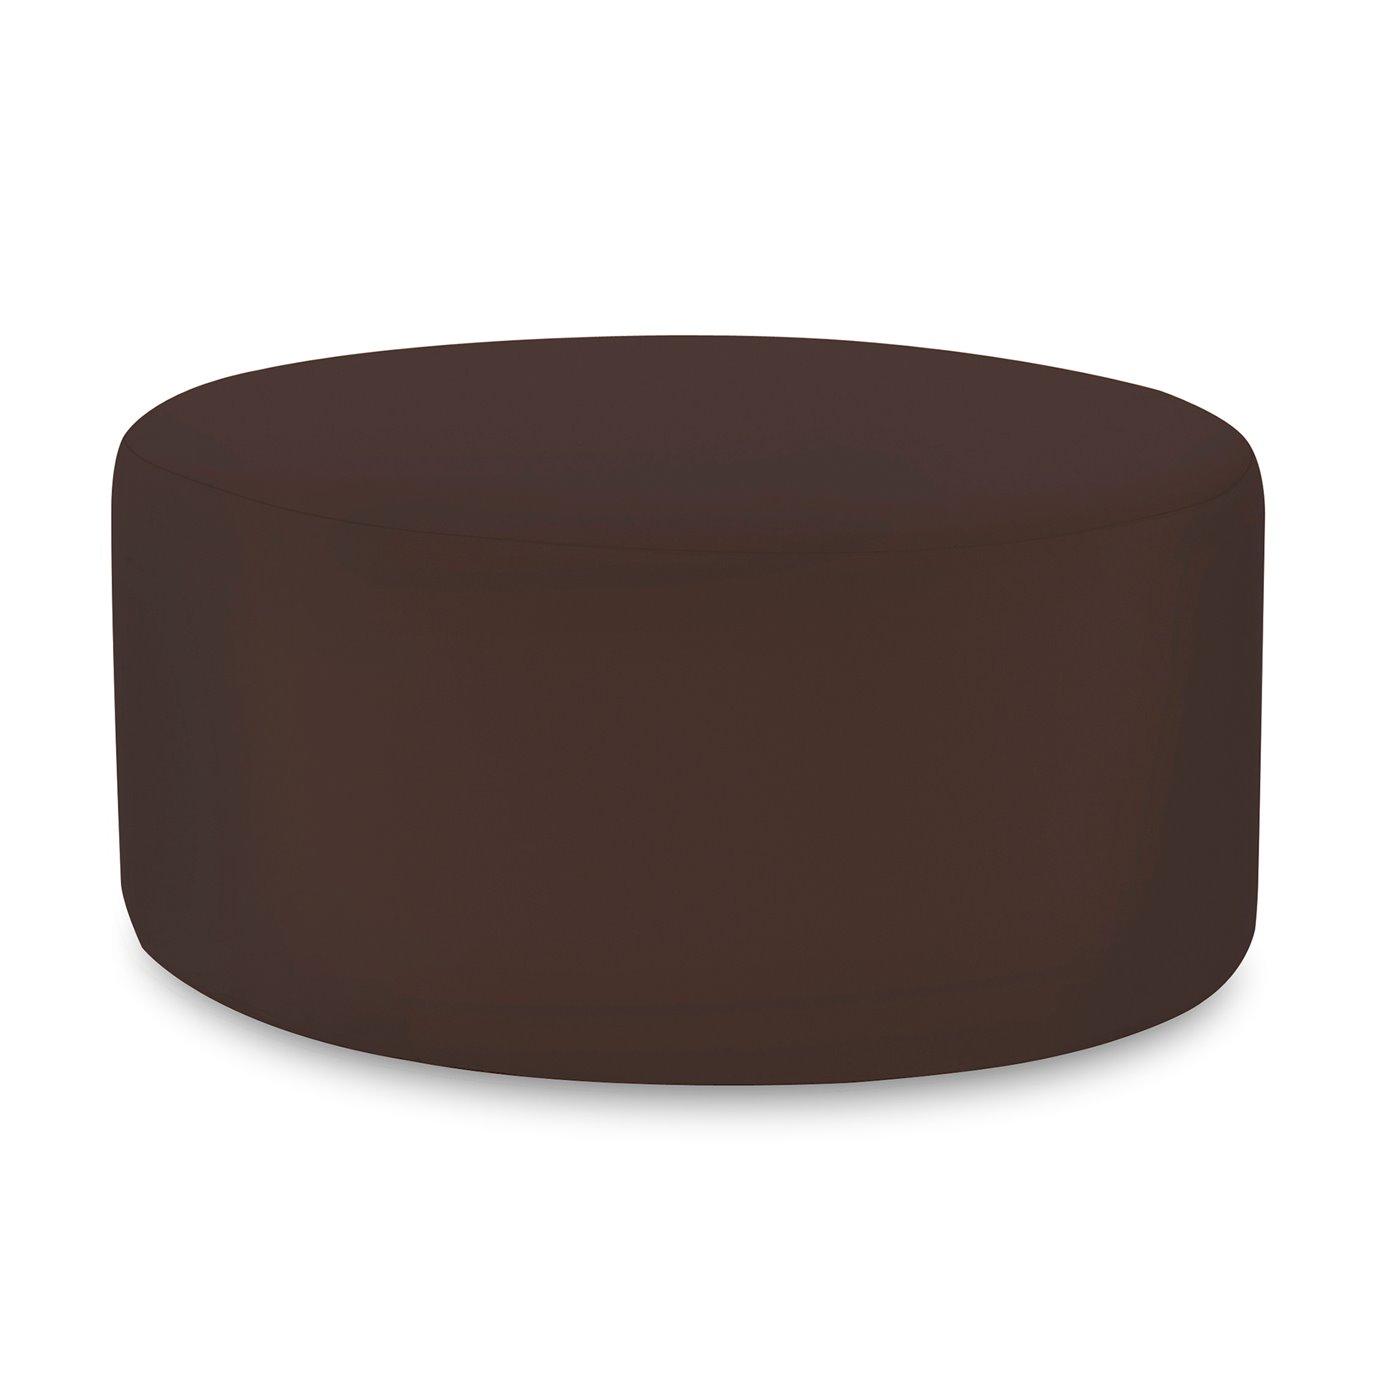 Howard Elliott Universal Round Ottoman Outdoor Sunbrella Seascape Chocolate Complete Ottoman